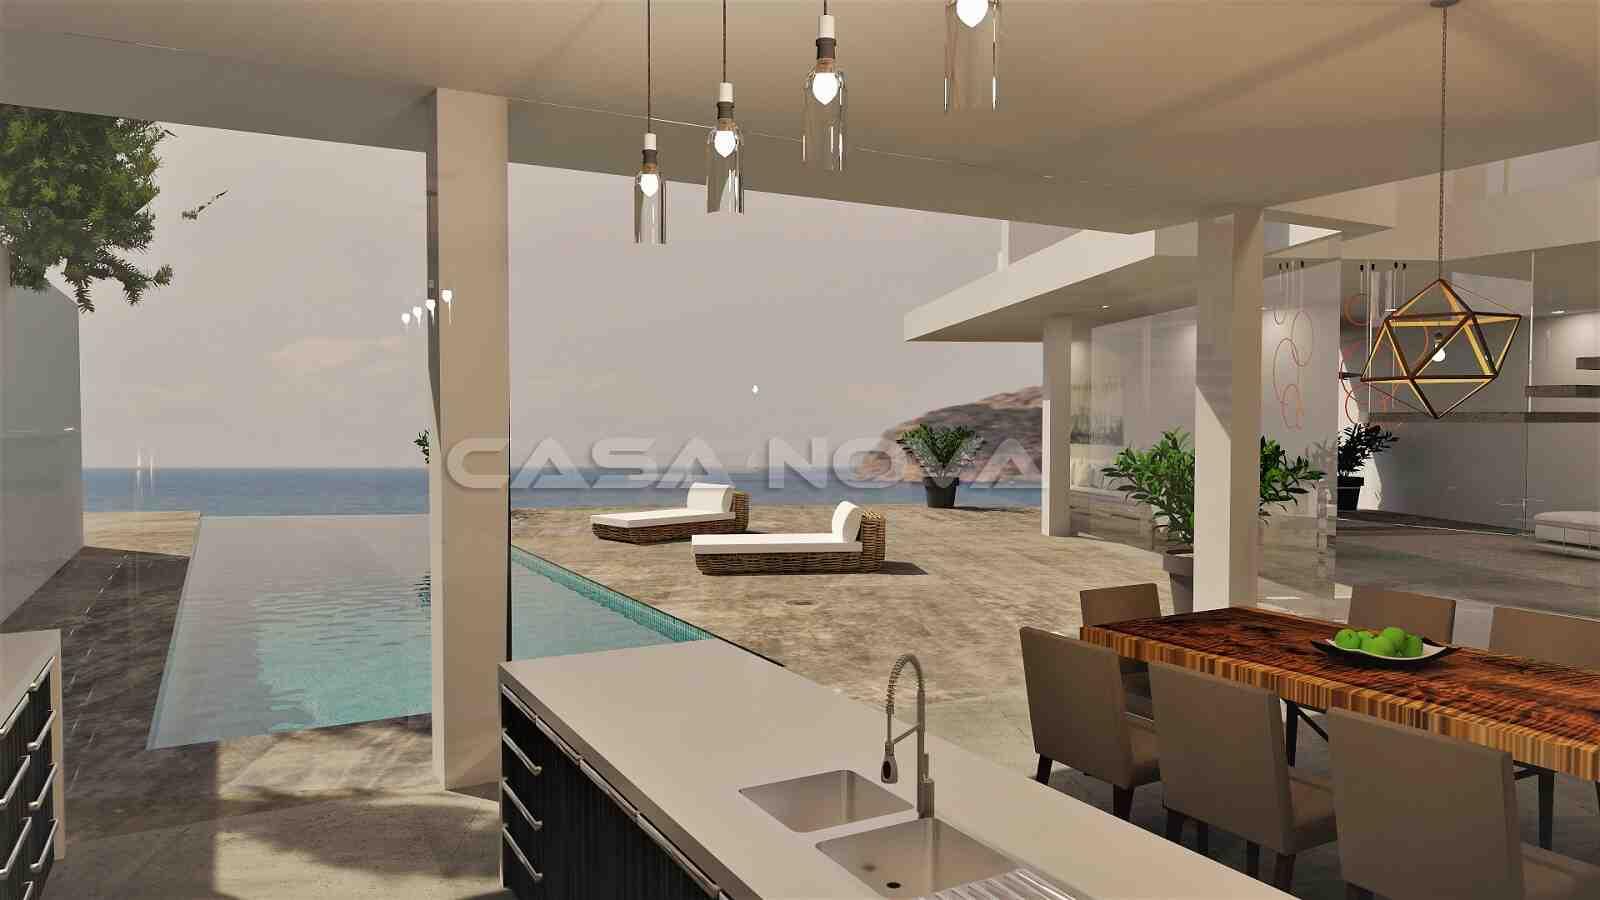 Überdachte Terrasse mit Sommerküche und Blick auf den Pool